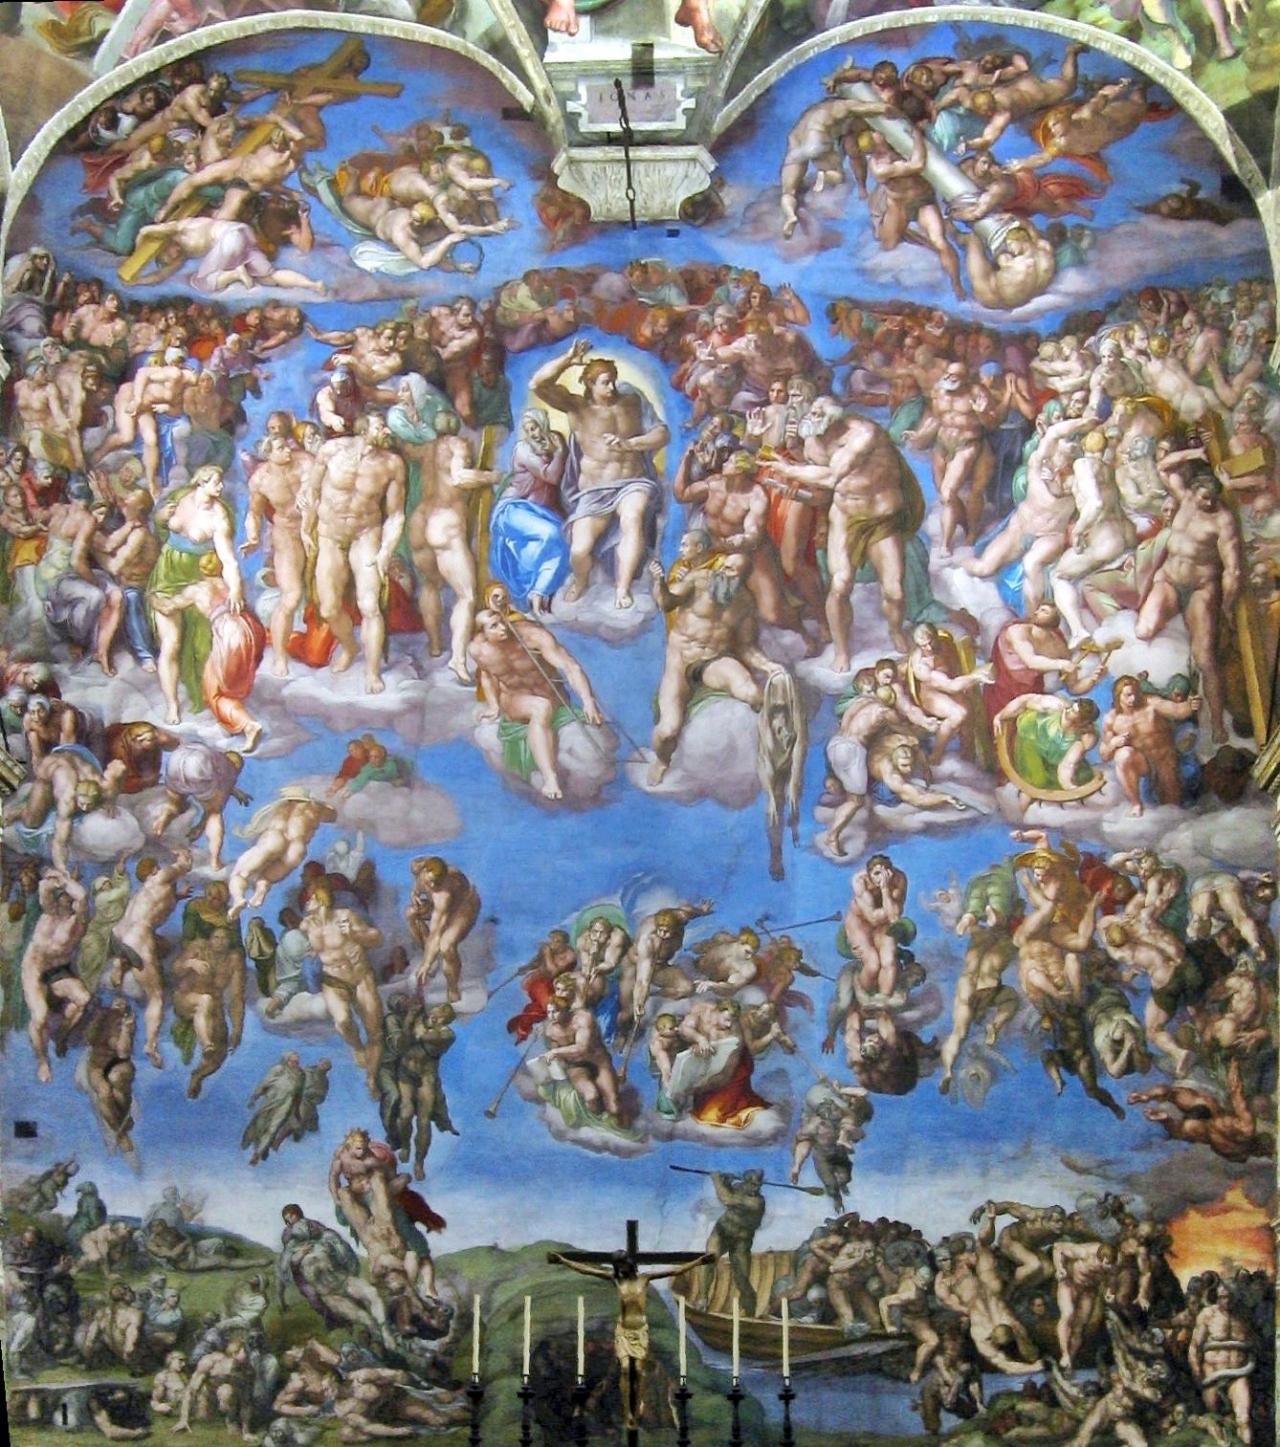 Judecata_universala_Michelangelo_Buonarroti_-_Il_Giudizio_Universale